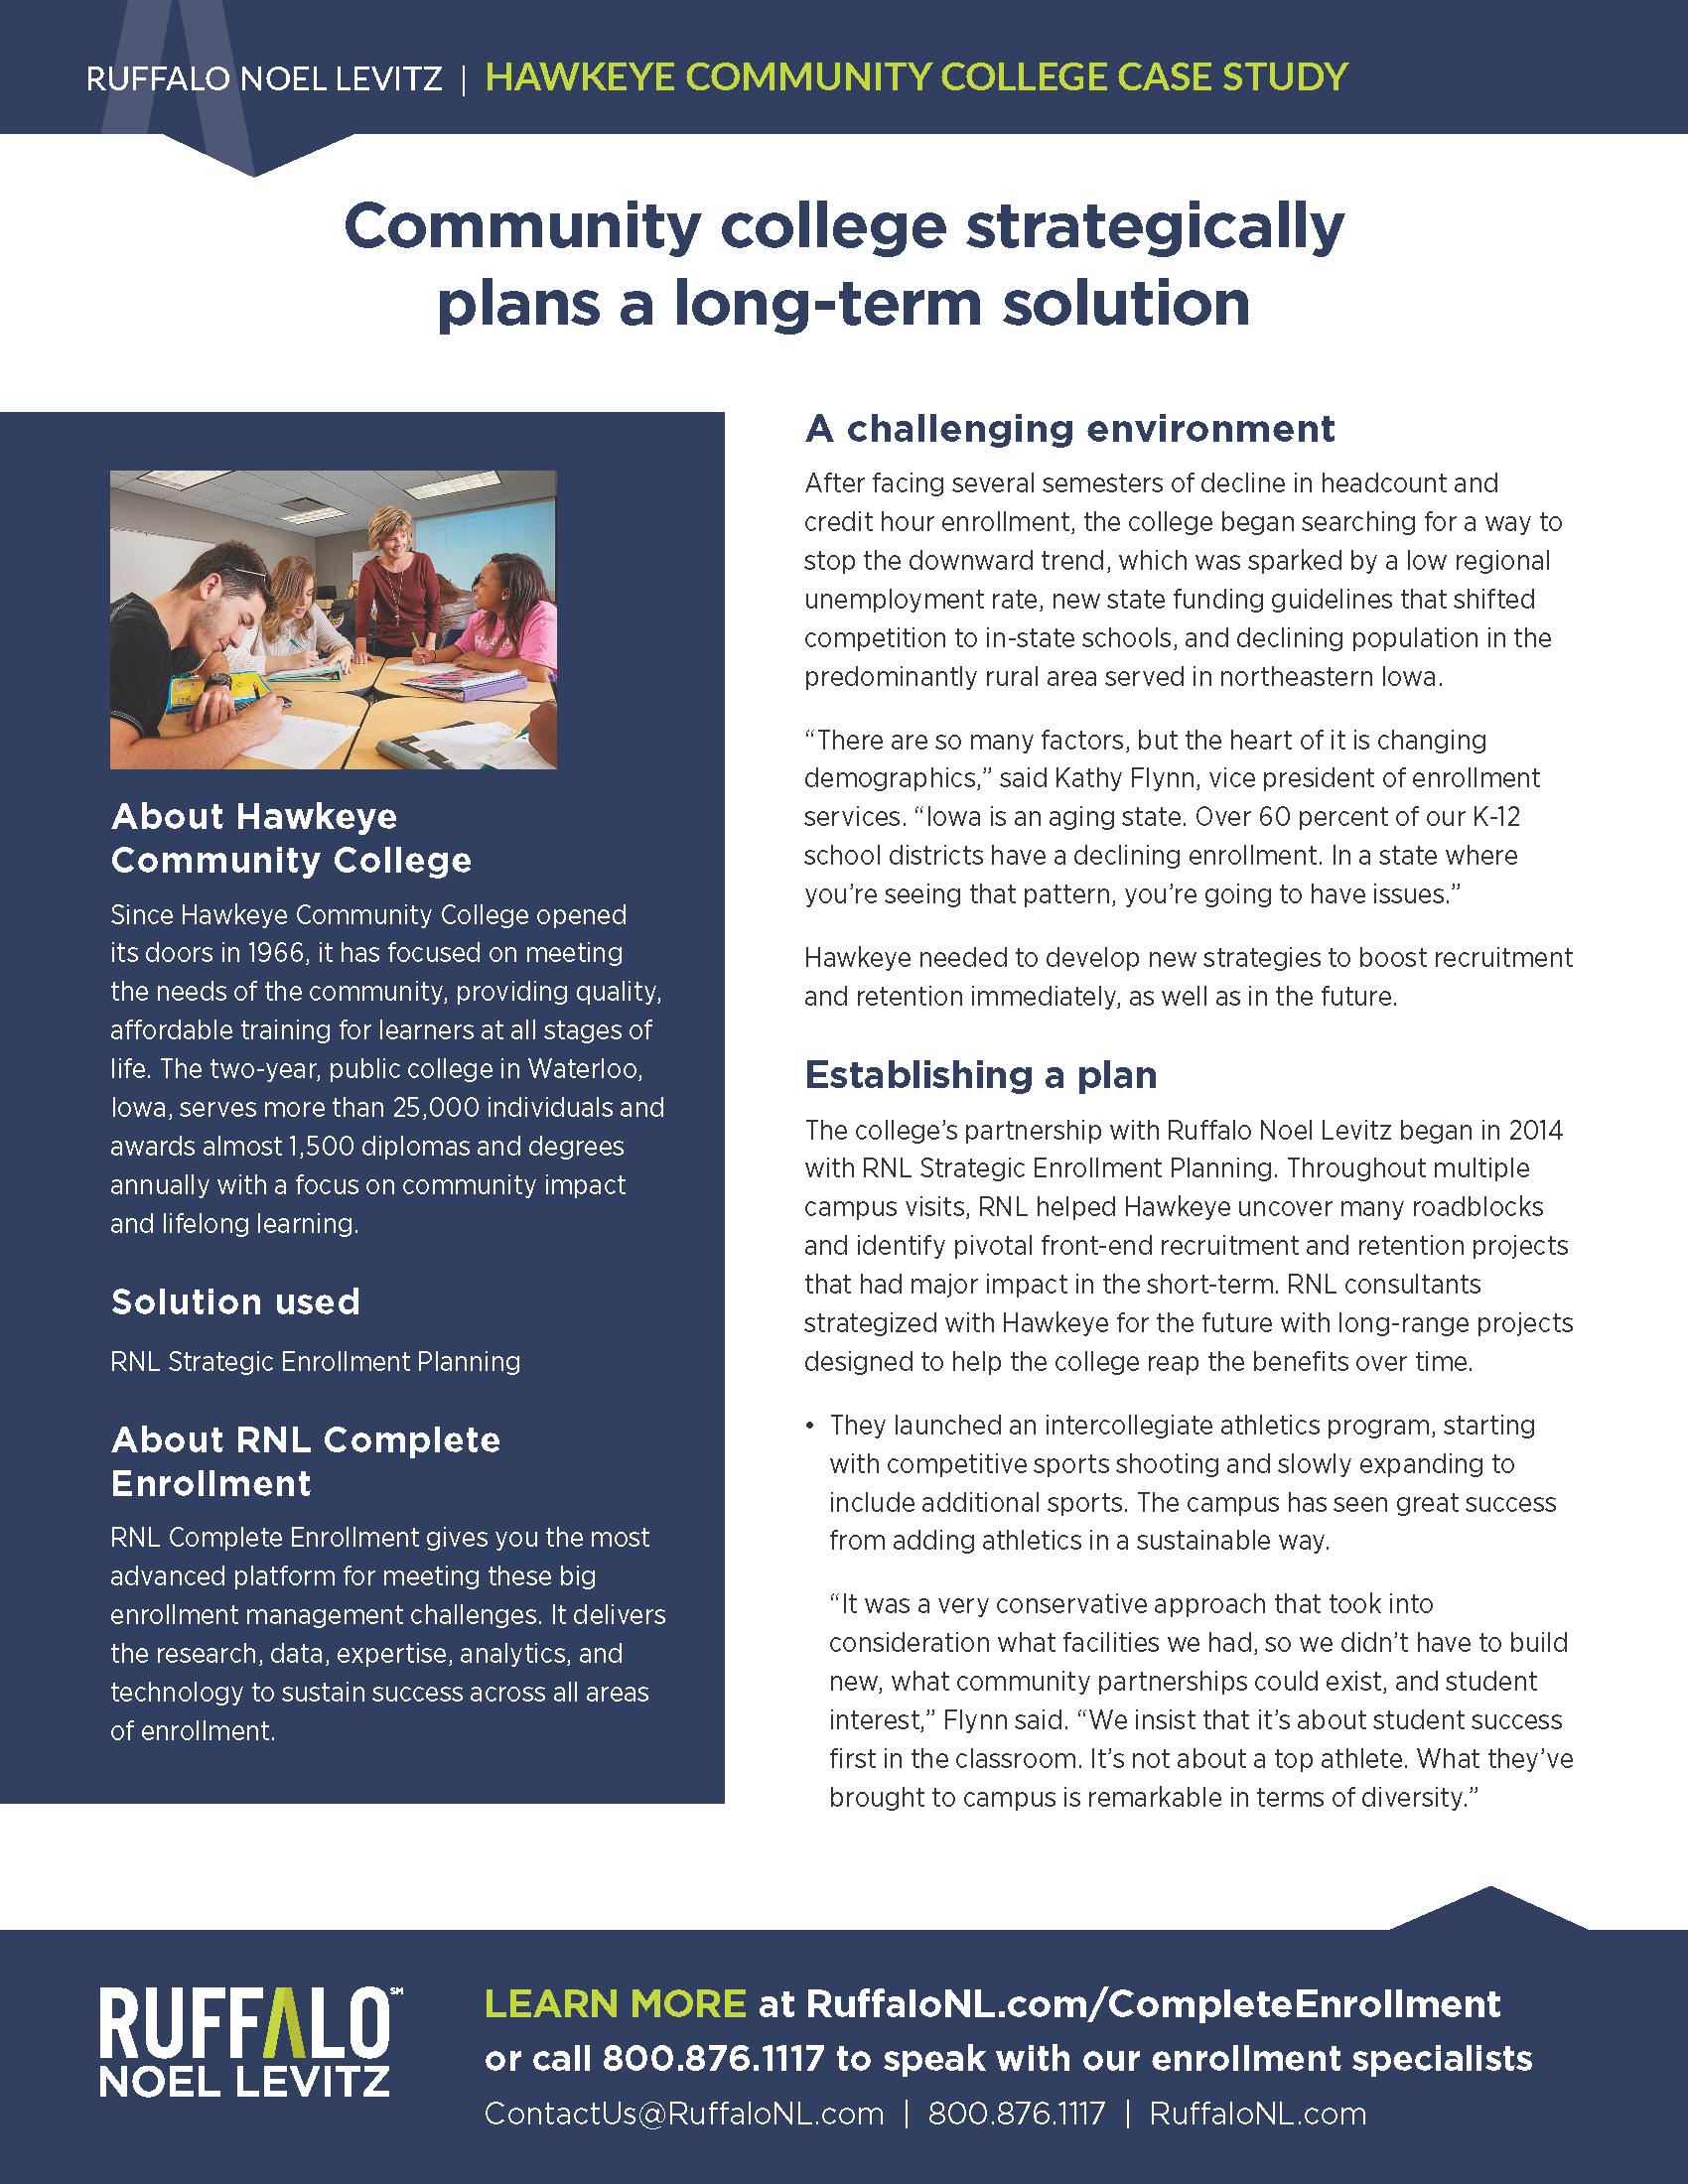 Hawkeye Community College enrollment marketing case study